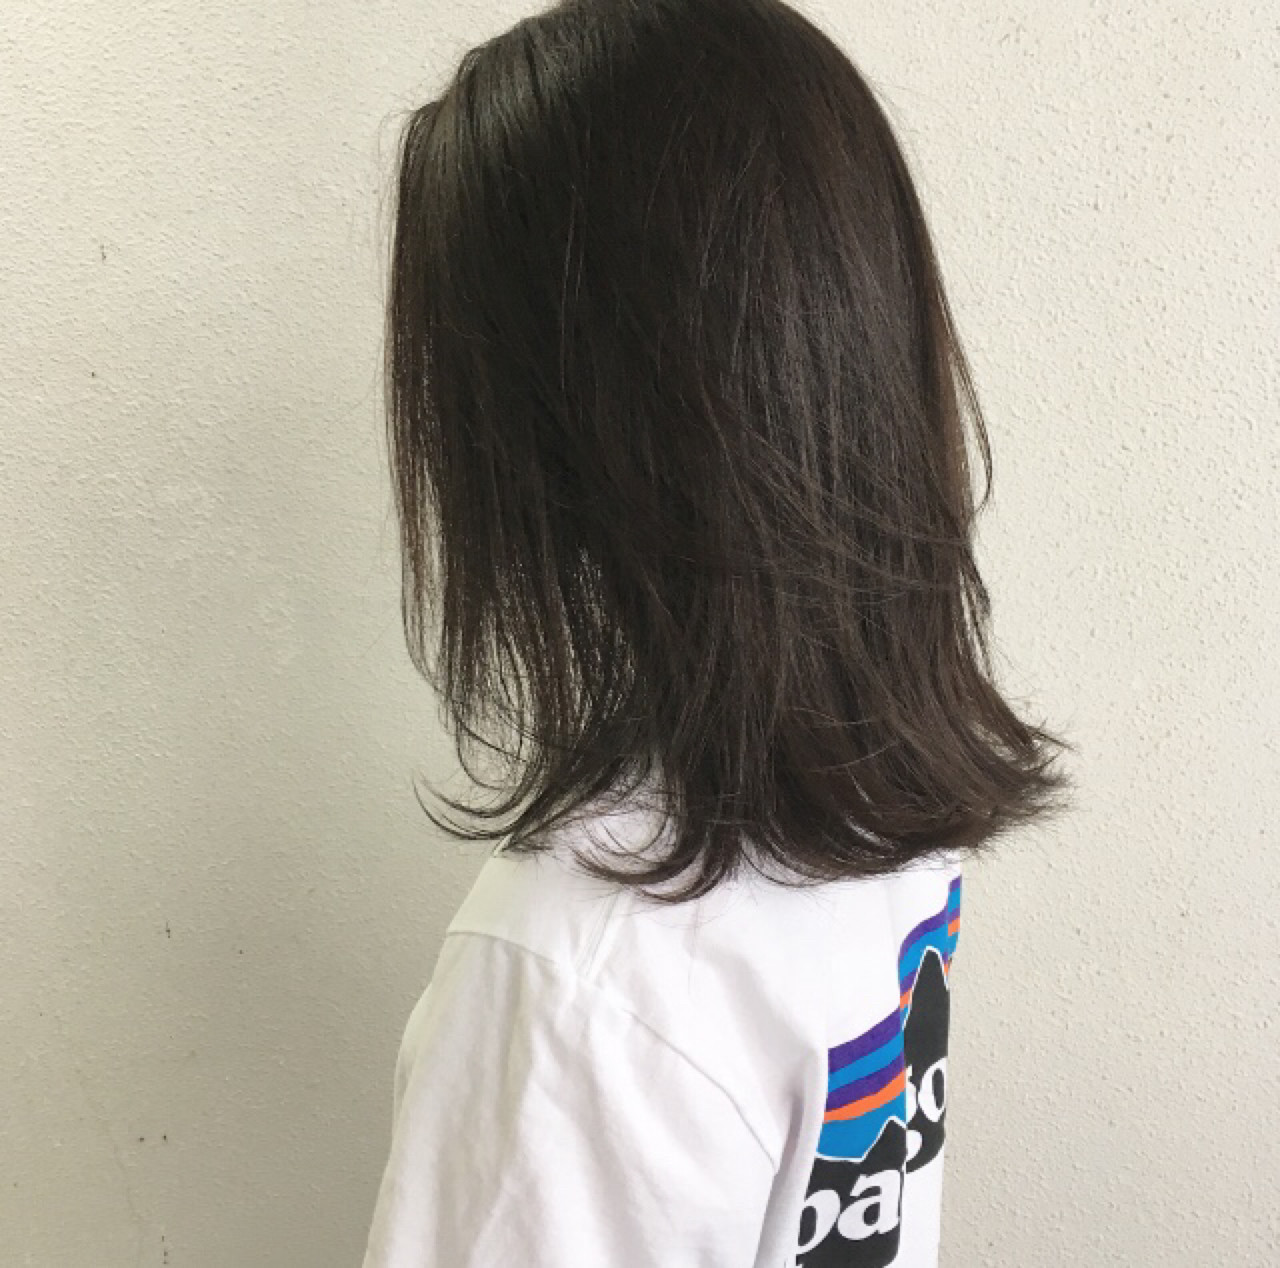 切りっぱなし ナチュラル ロブ 外ハネ ヘアスタイルや髪型の写真・画像 | 木下裕貴 / totti hair design